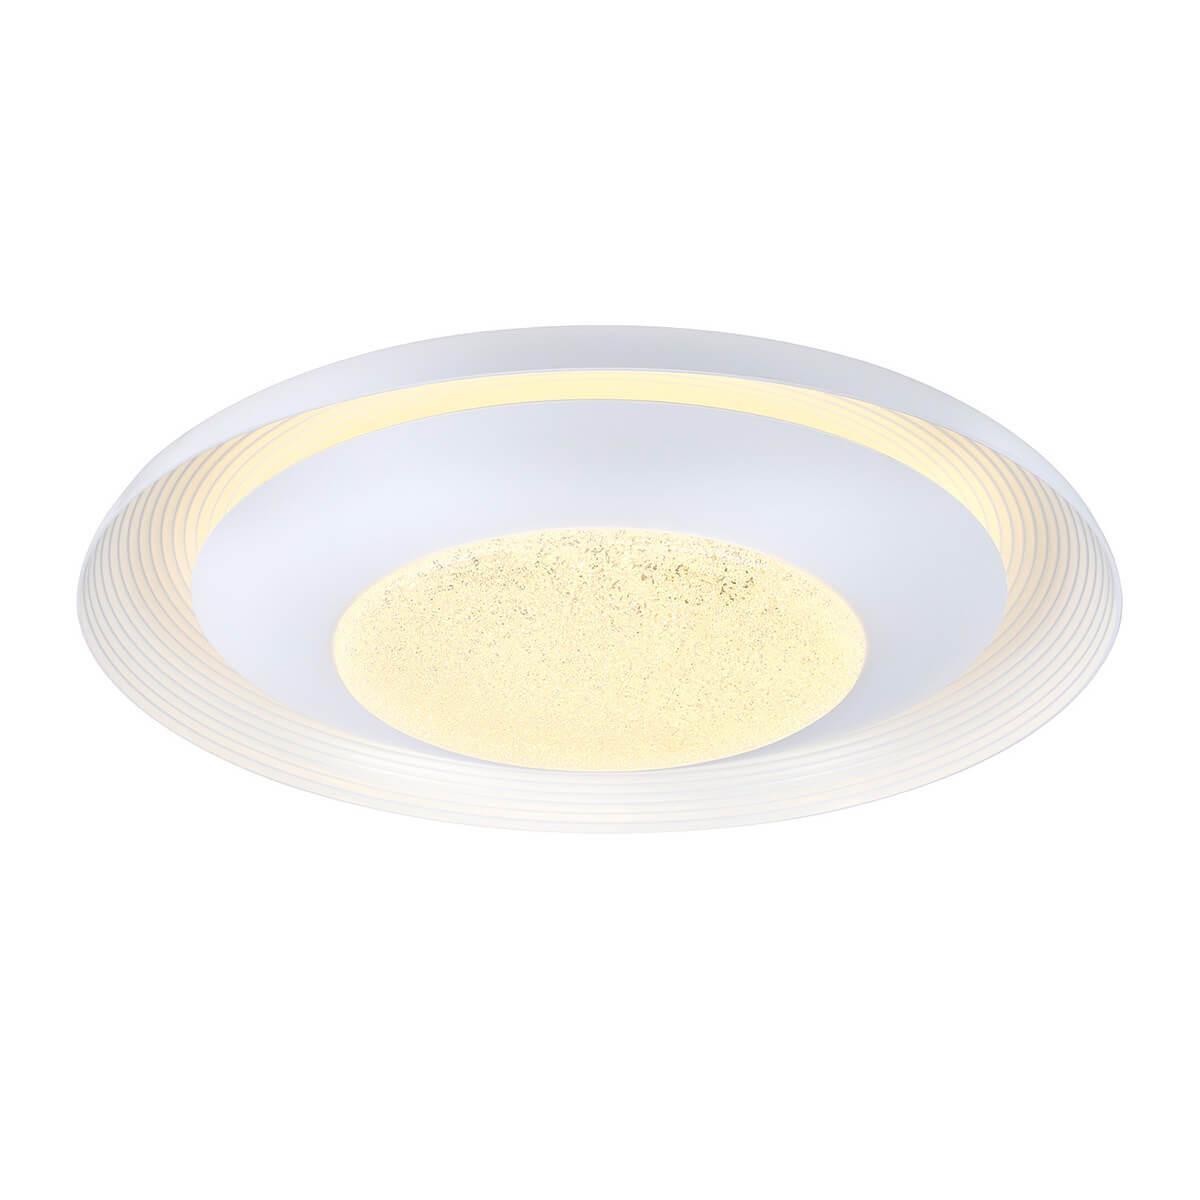 Фото - Накладной светильник Omnilux OML-48907-48, LED, 48 Вт потолочный светодиодный светильник с пультом omnilux oml 48907 48